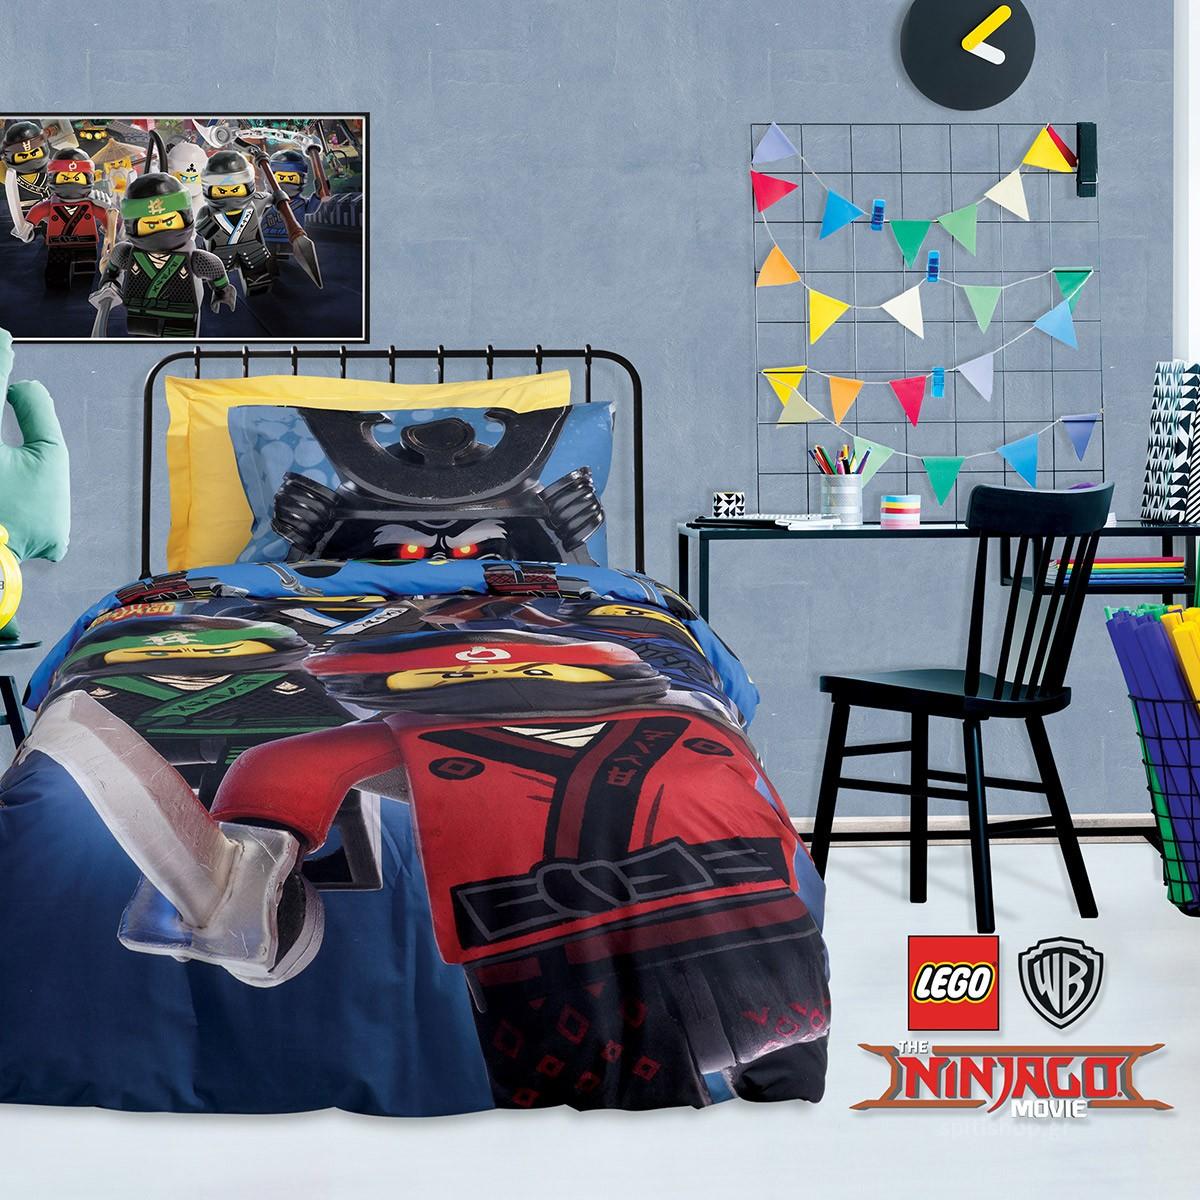 Κουβερλί Μονό (Σετ) Das Home Lego Ninjago 5008